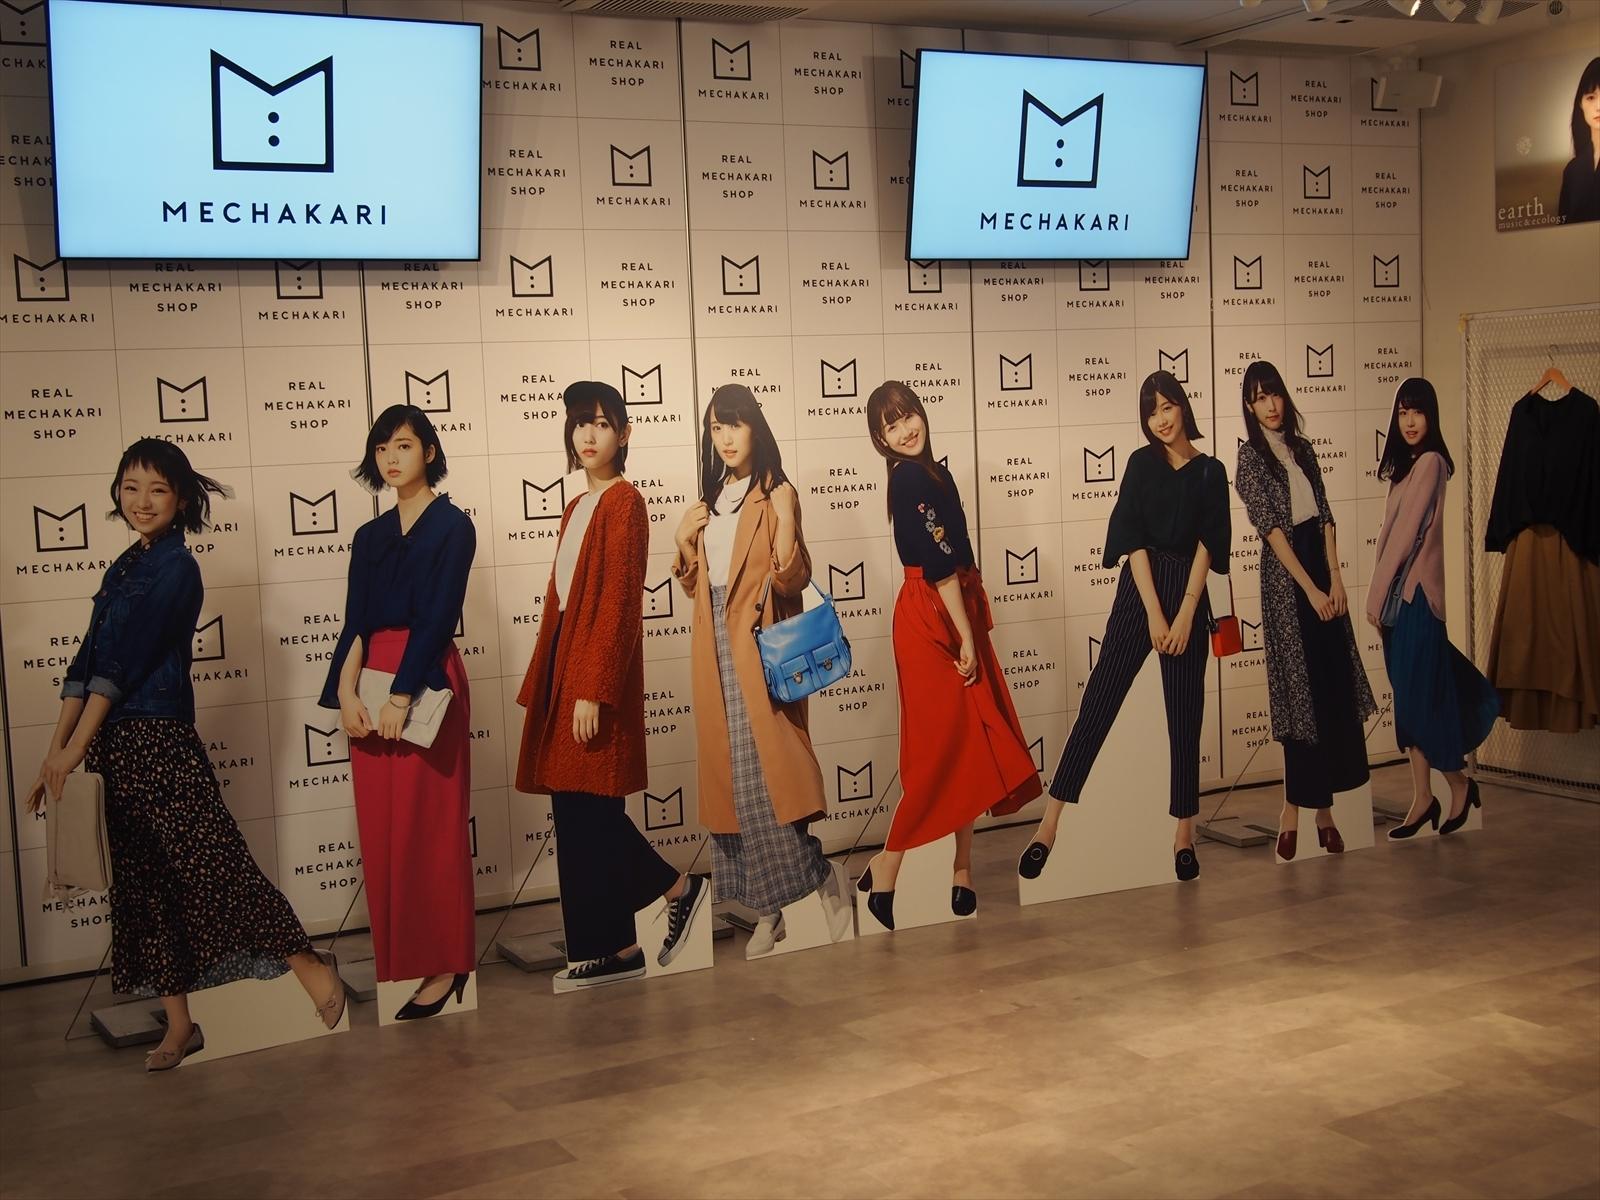 欅坂46が来店!もちろん理佐も♡ 「メチャカリ」初のリアルSHOPがオープン_1_2-1